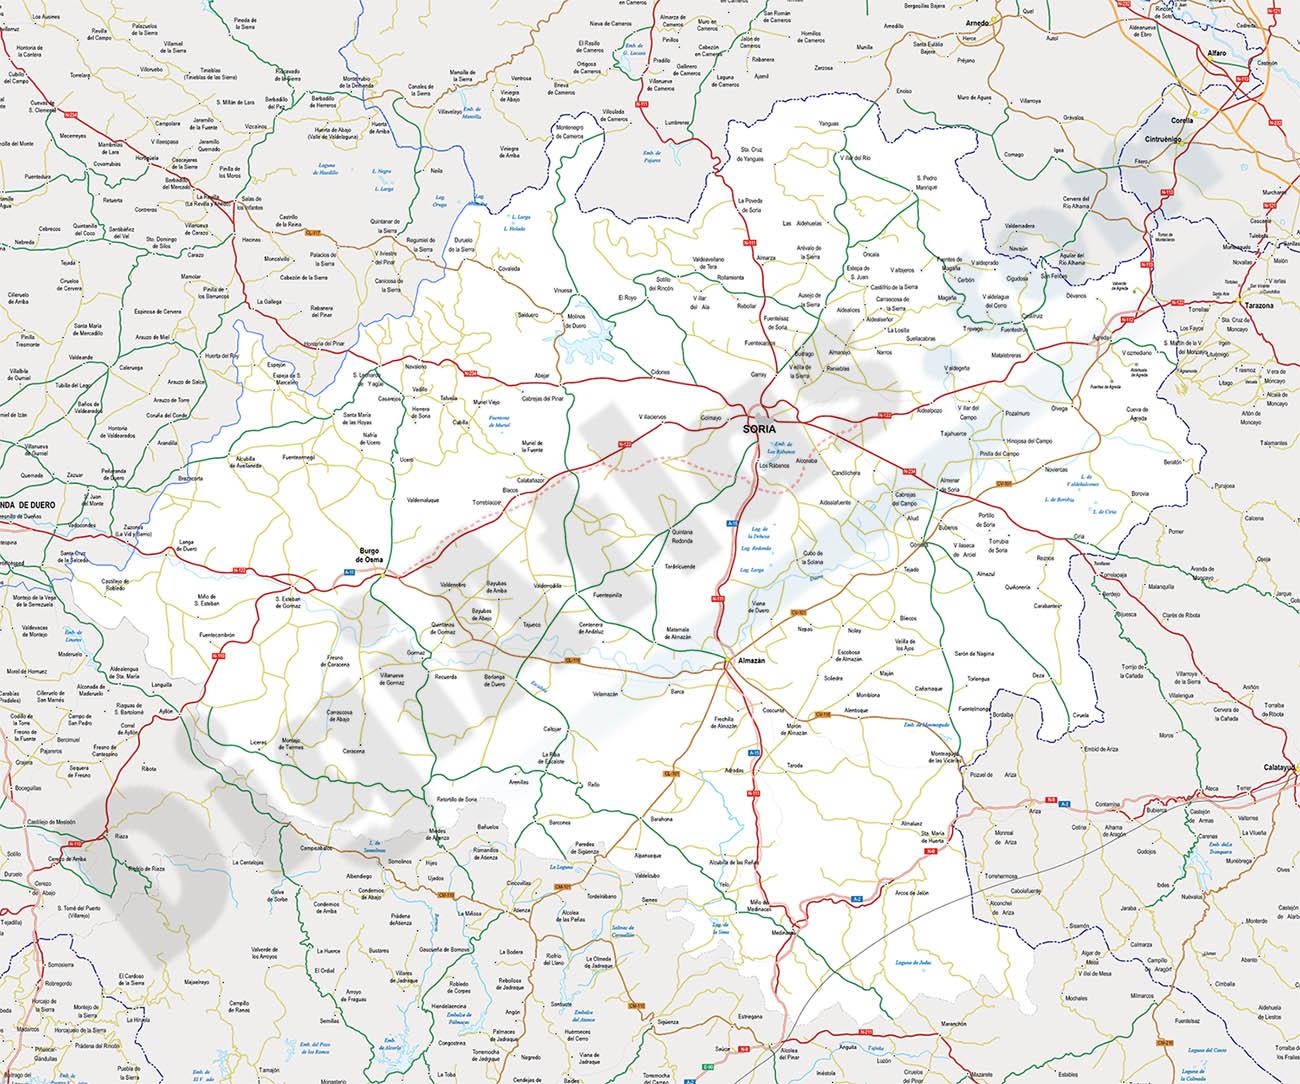 Mapa de la provincia de Soria